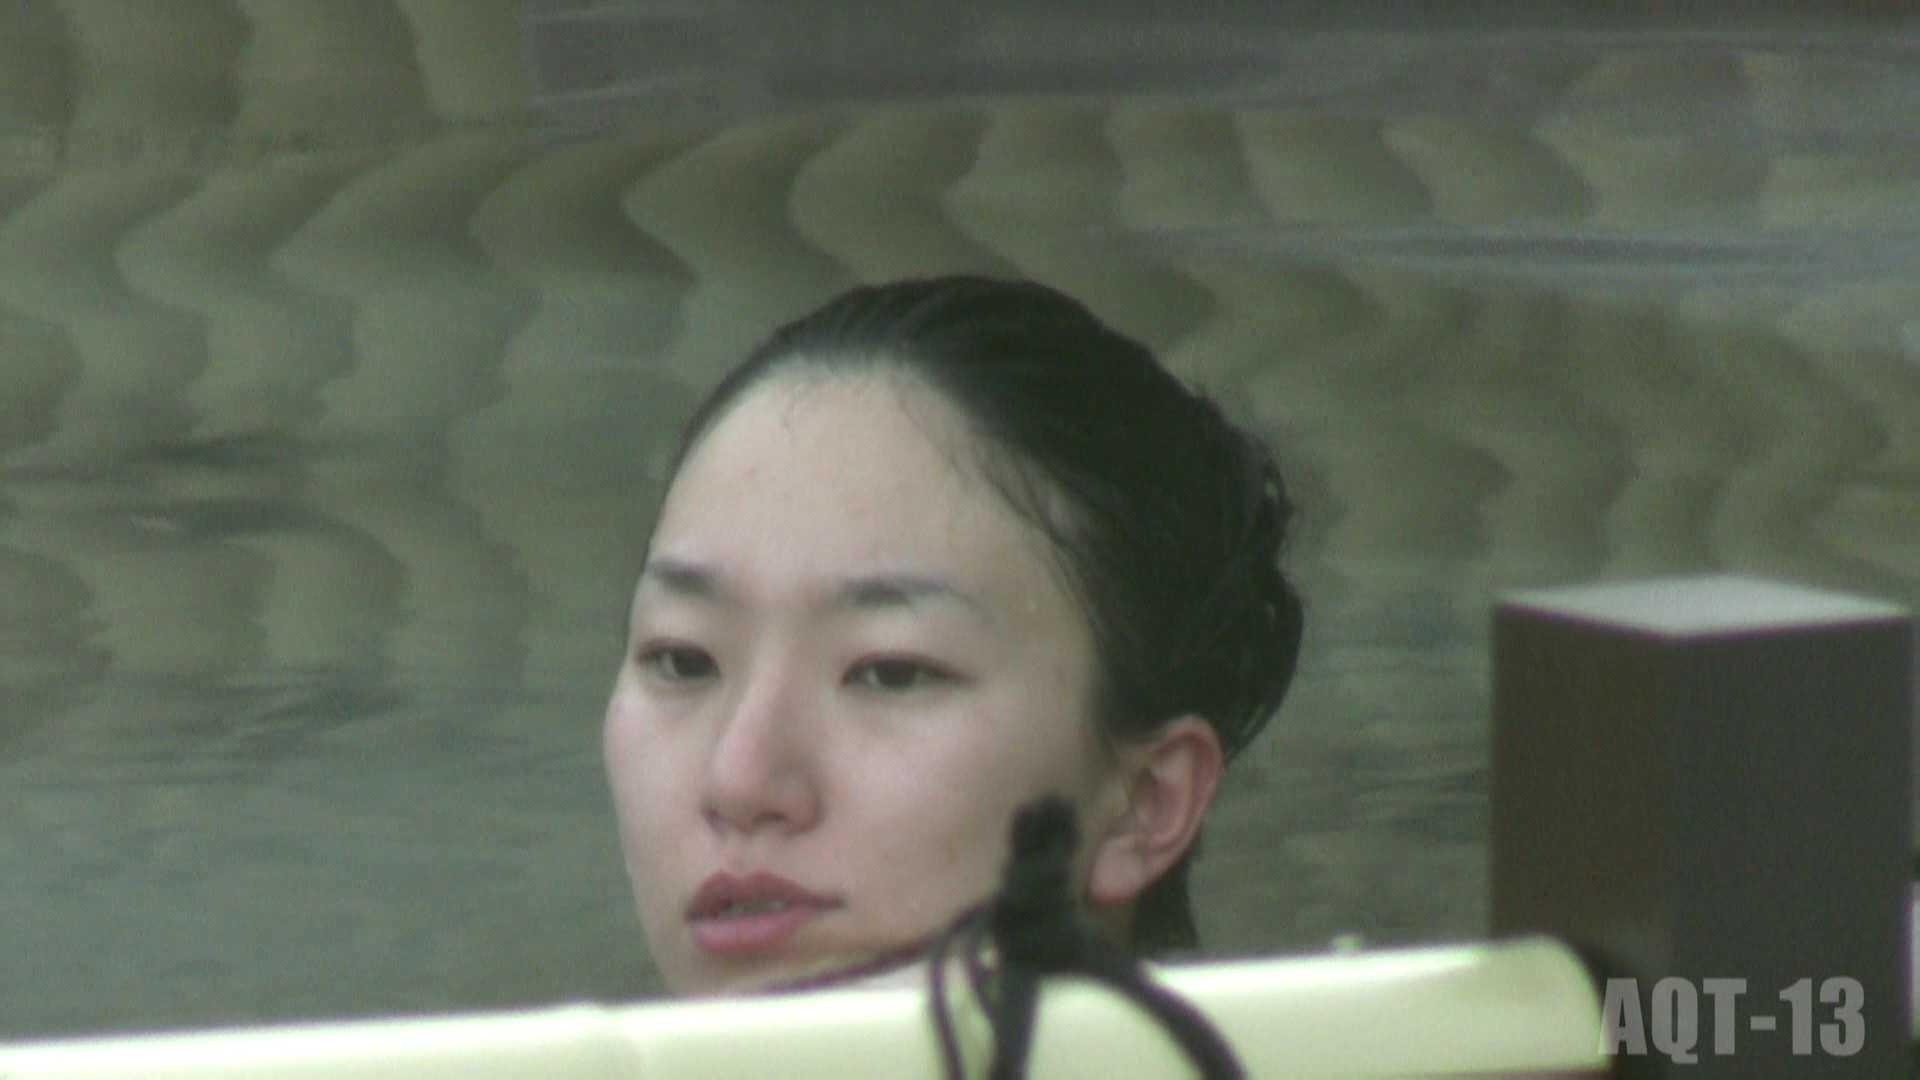 Aquaな露天風呂Vol.818 盗撮 オメコ動画キャプチャ 88画像 47